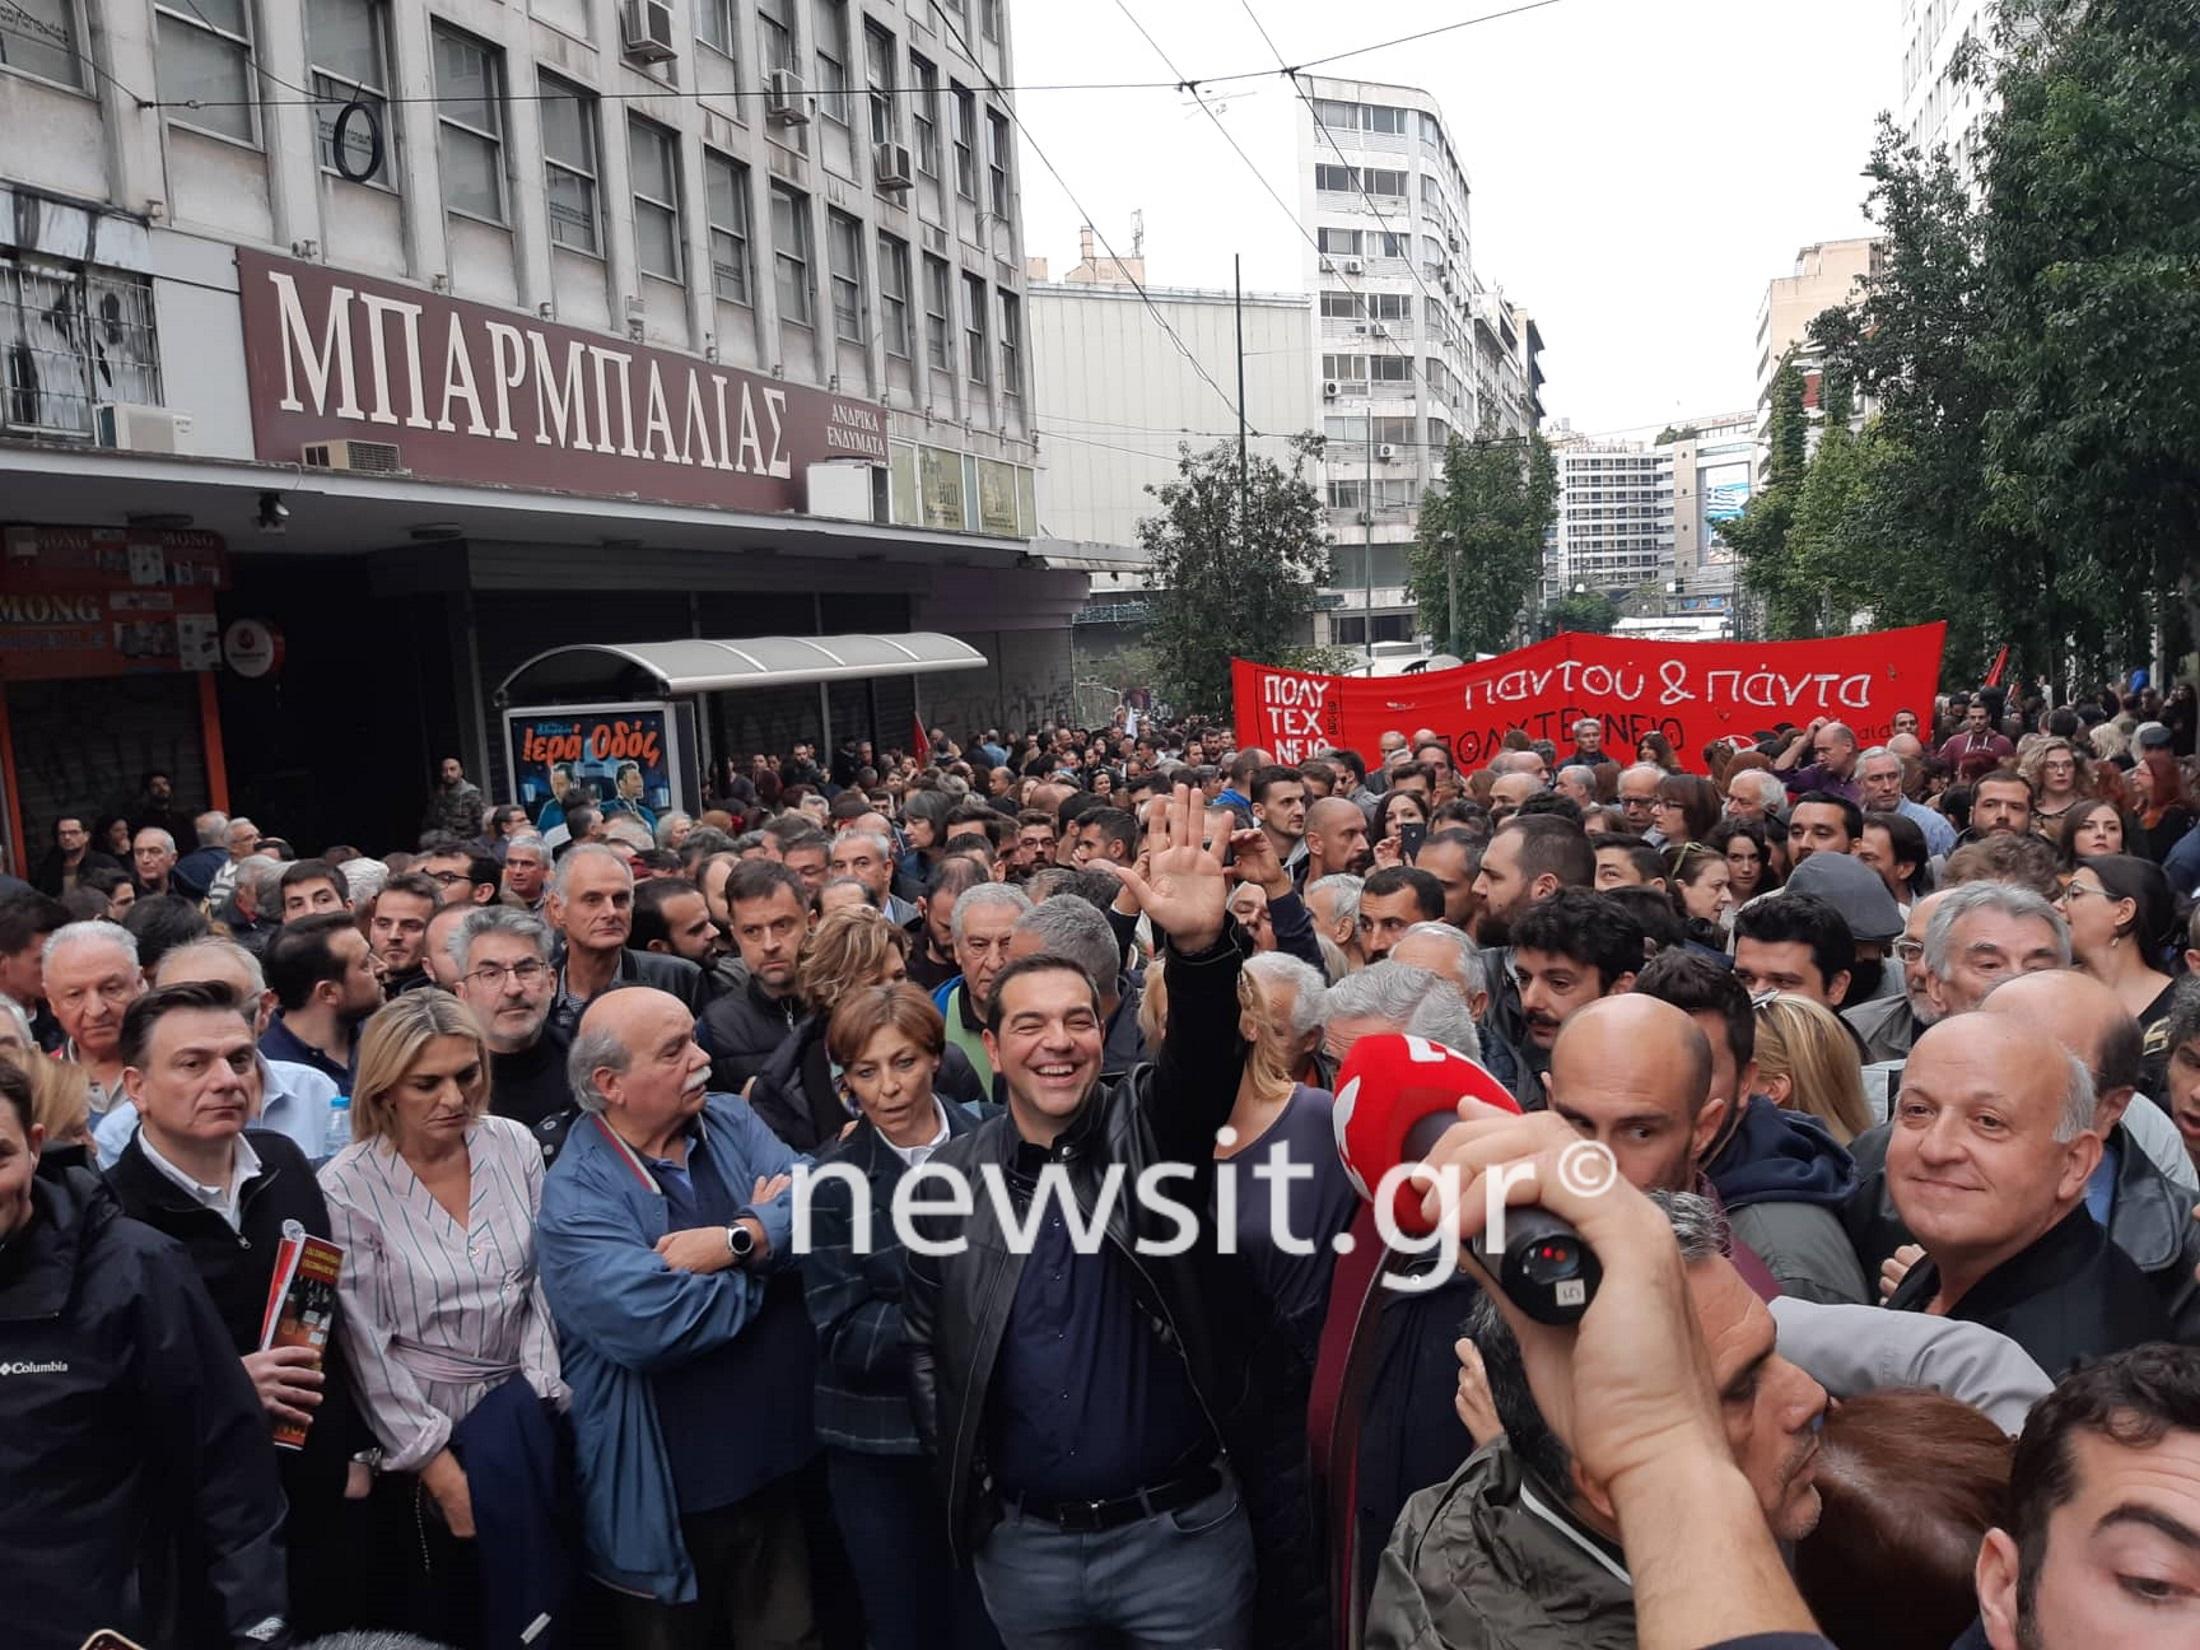 Πολυτεχνείο: Με… δερμάτινο στην πορεία ο Αλέξης Τσίπρας [pics]